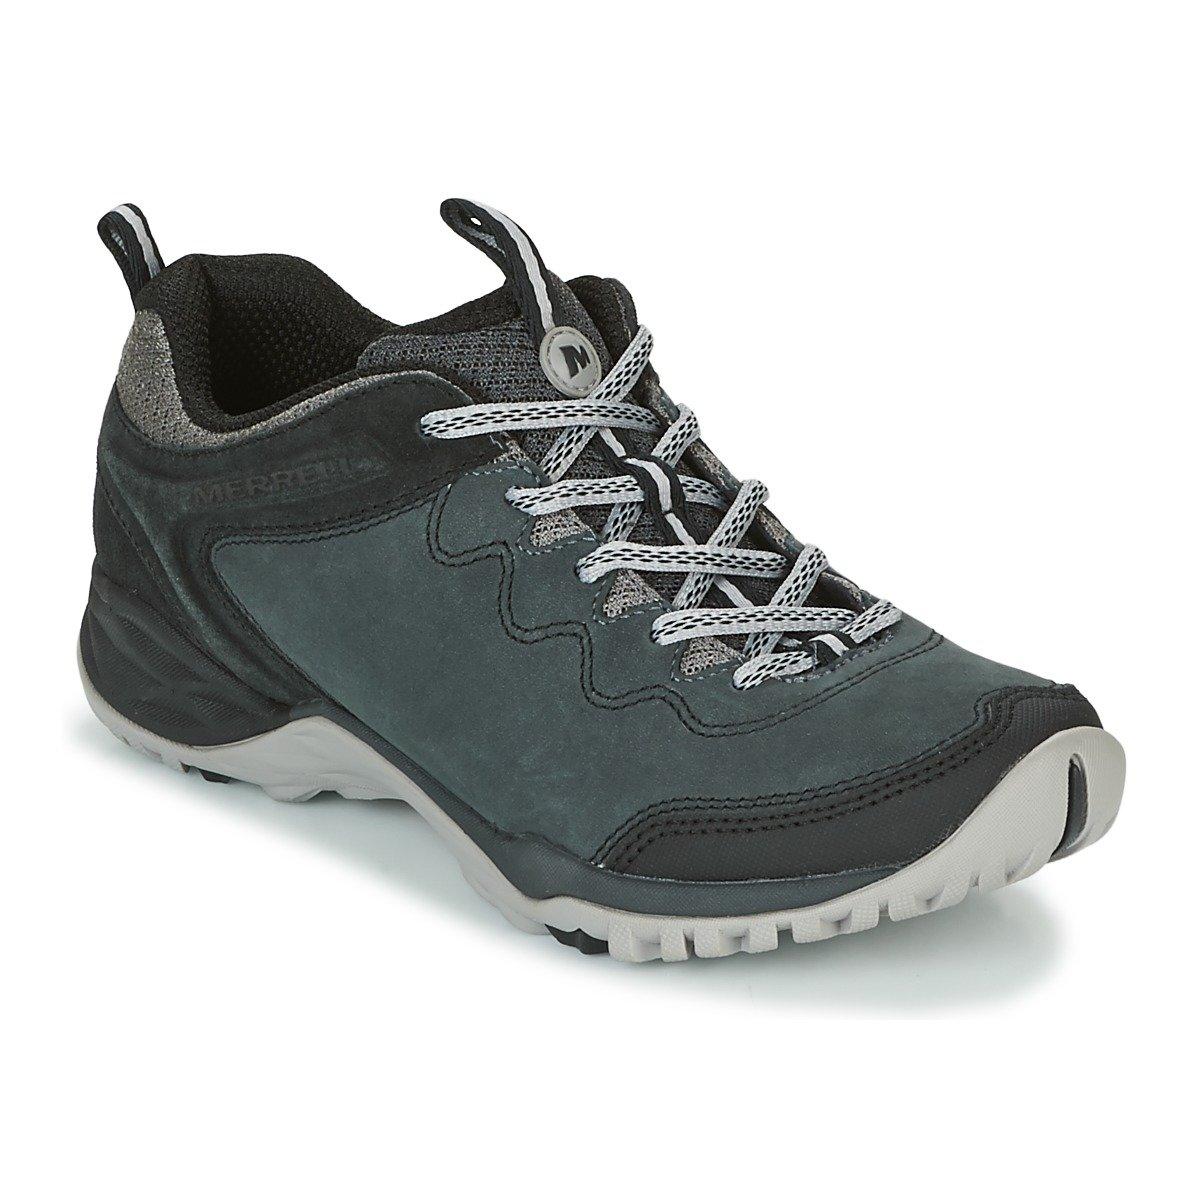 Merrell J19818, Zapatillas de Senderismo para Mujer 4